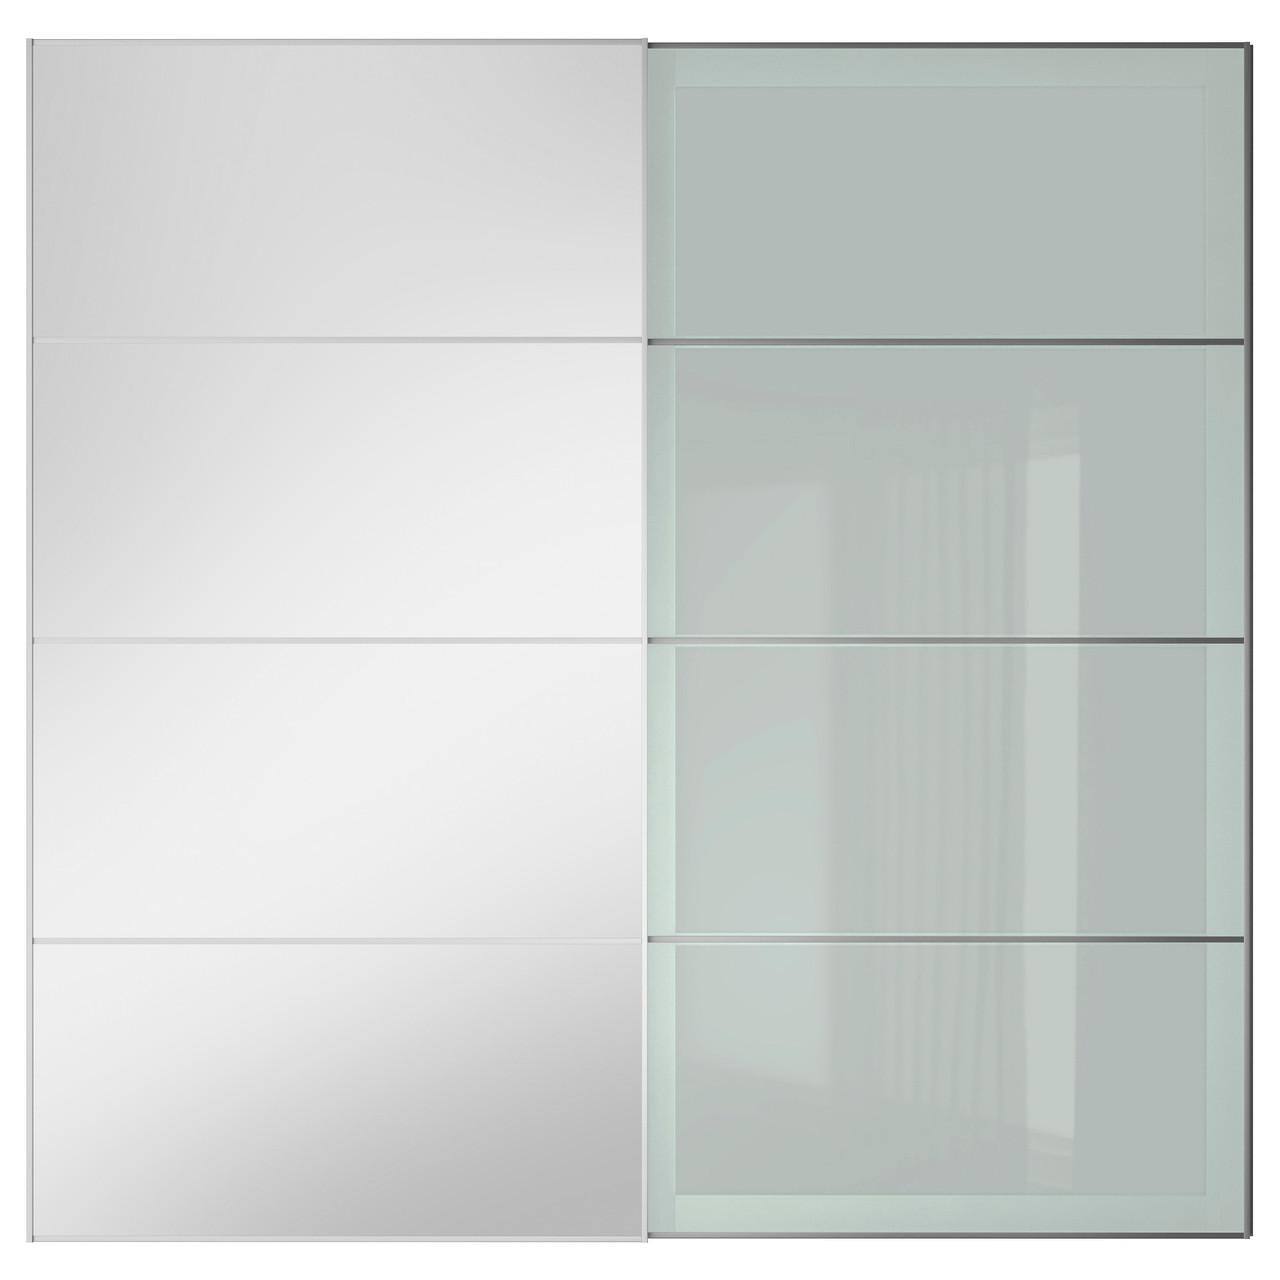 AULI / SEKKEN Пара дверей балан, зеркало, матовое стекло 191.910.14